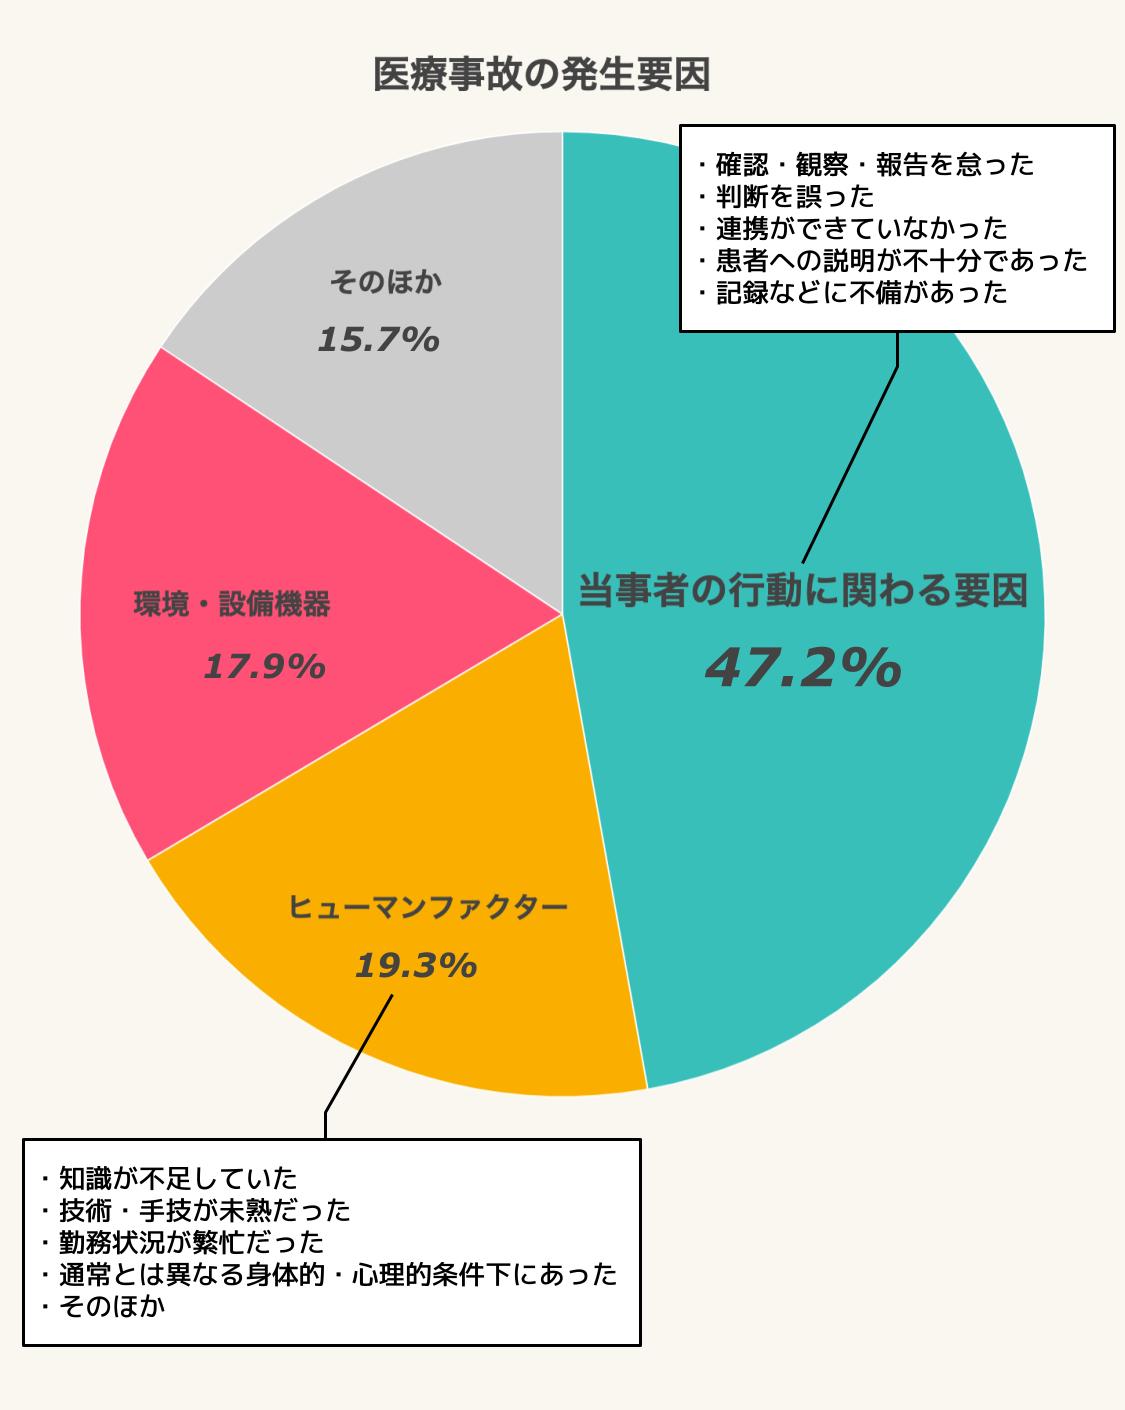 医療事故の発生要因 当事者の行動に関わる要因が47.2%、ヒューマンファクターが19.3%、環境・設備機器が17.9%、そのほかが15.7%